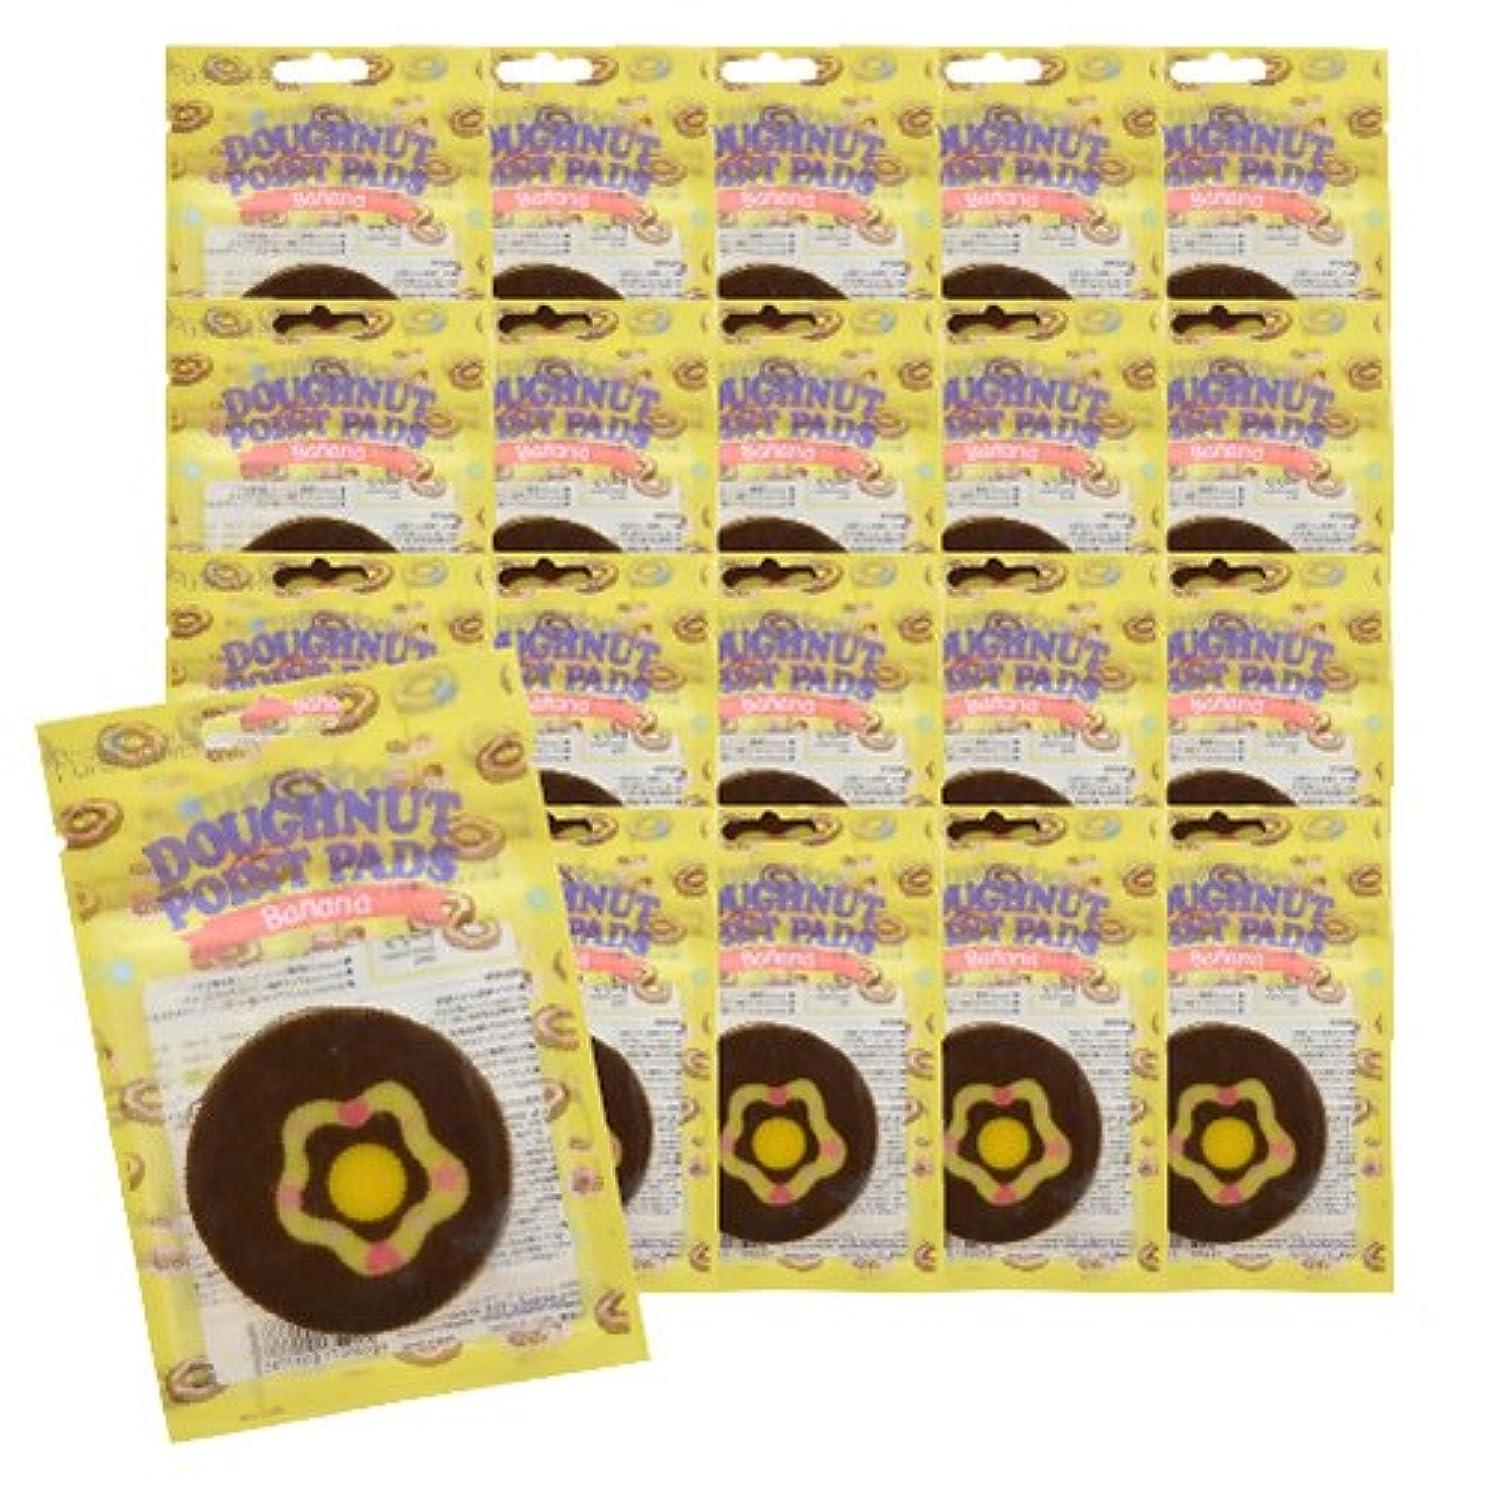 司教補償想起ピュアスマイル スイートドーナツポイントパッド バナナ 20枚パック